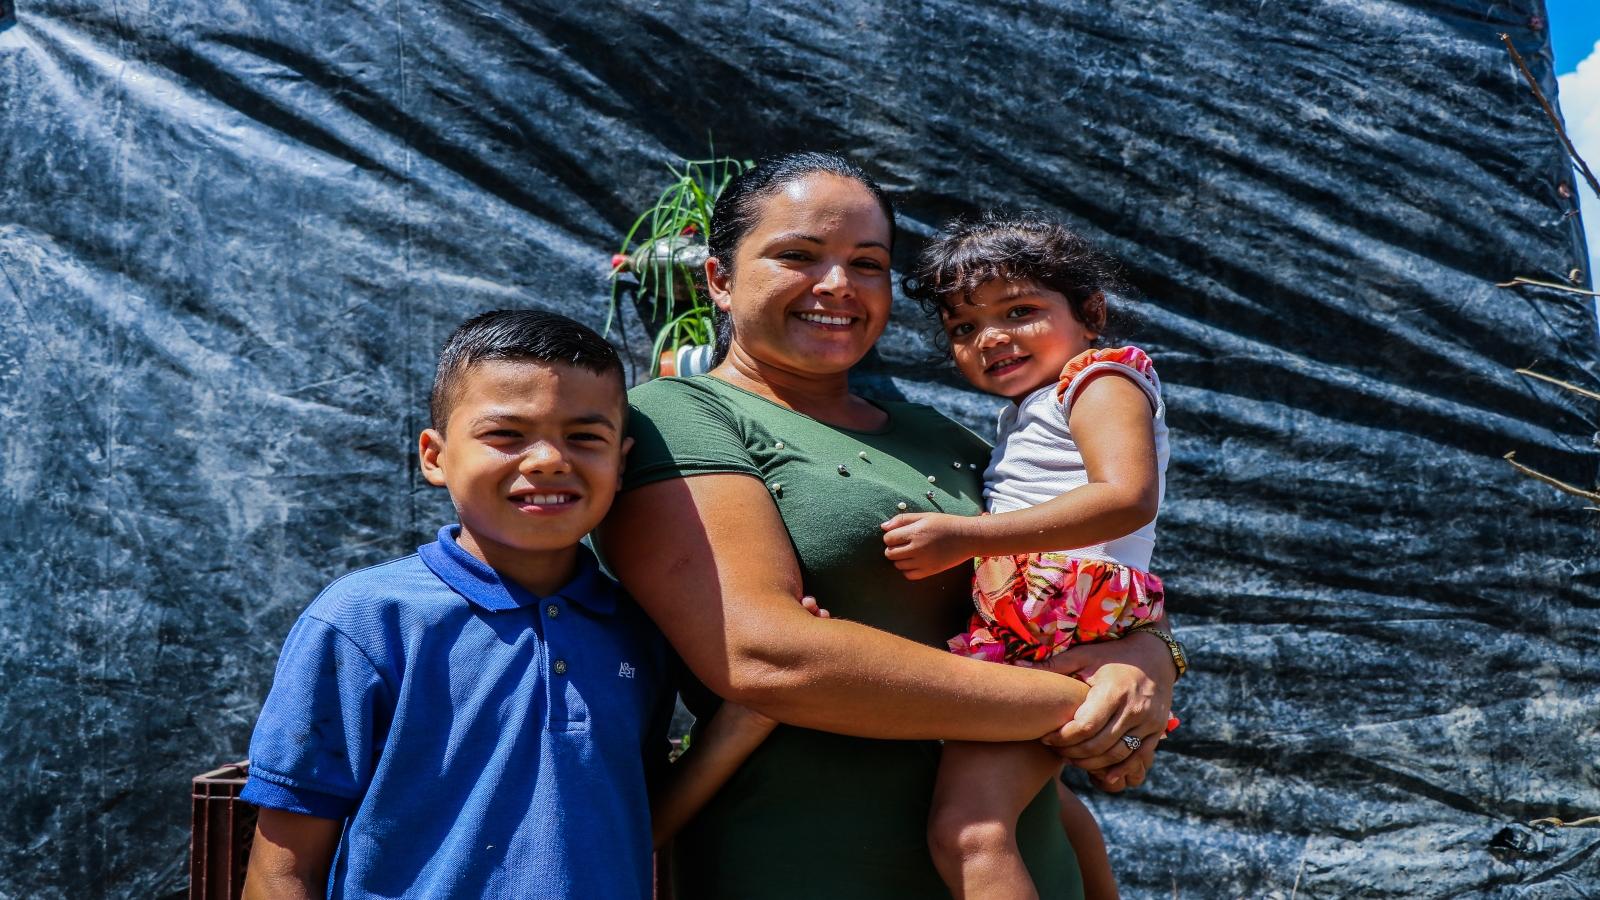 La historia de una migrante que cambió su vida en Arauca